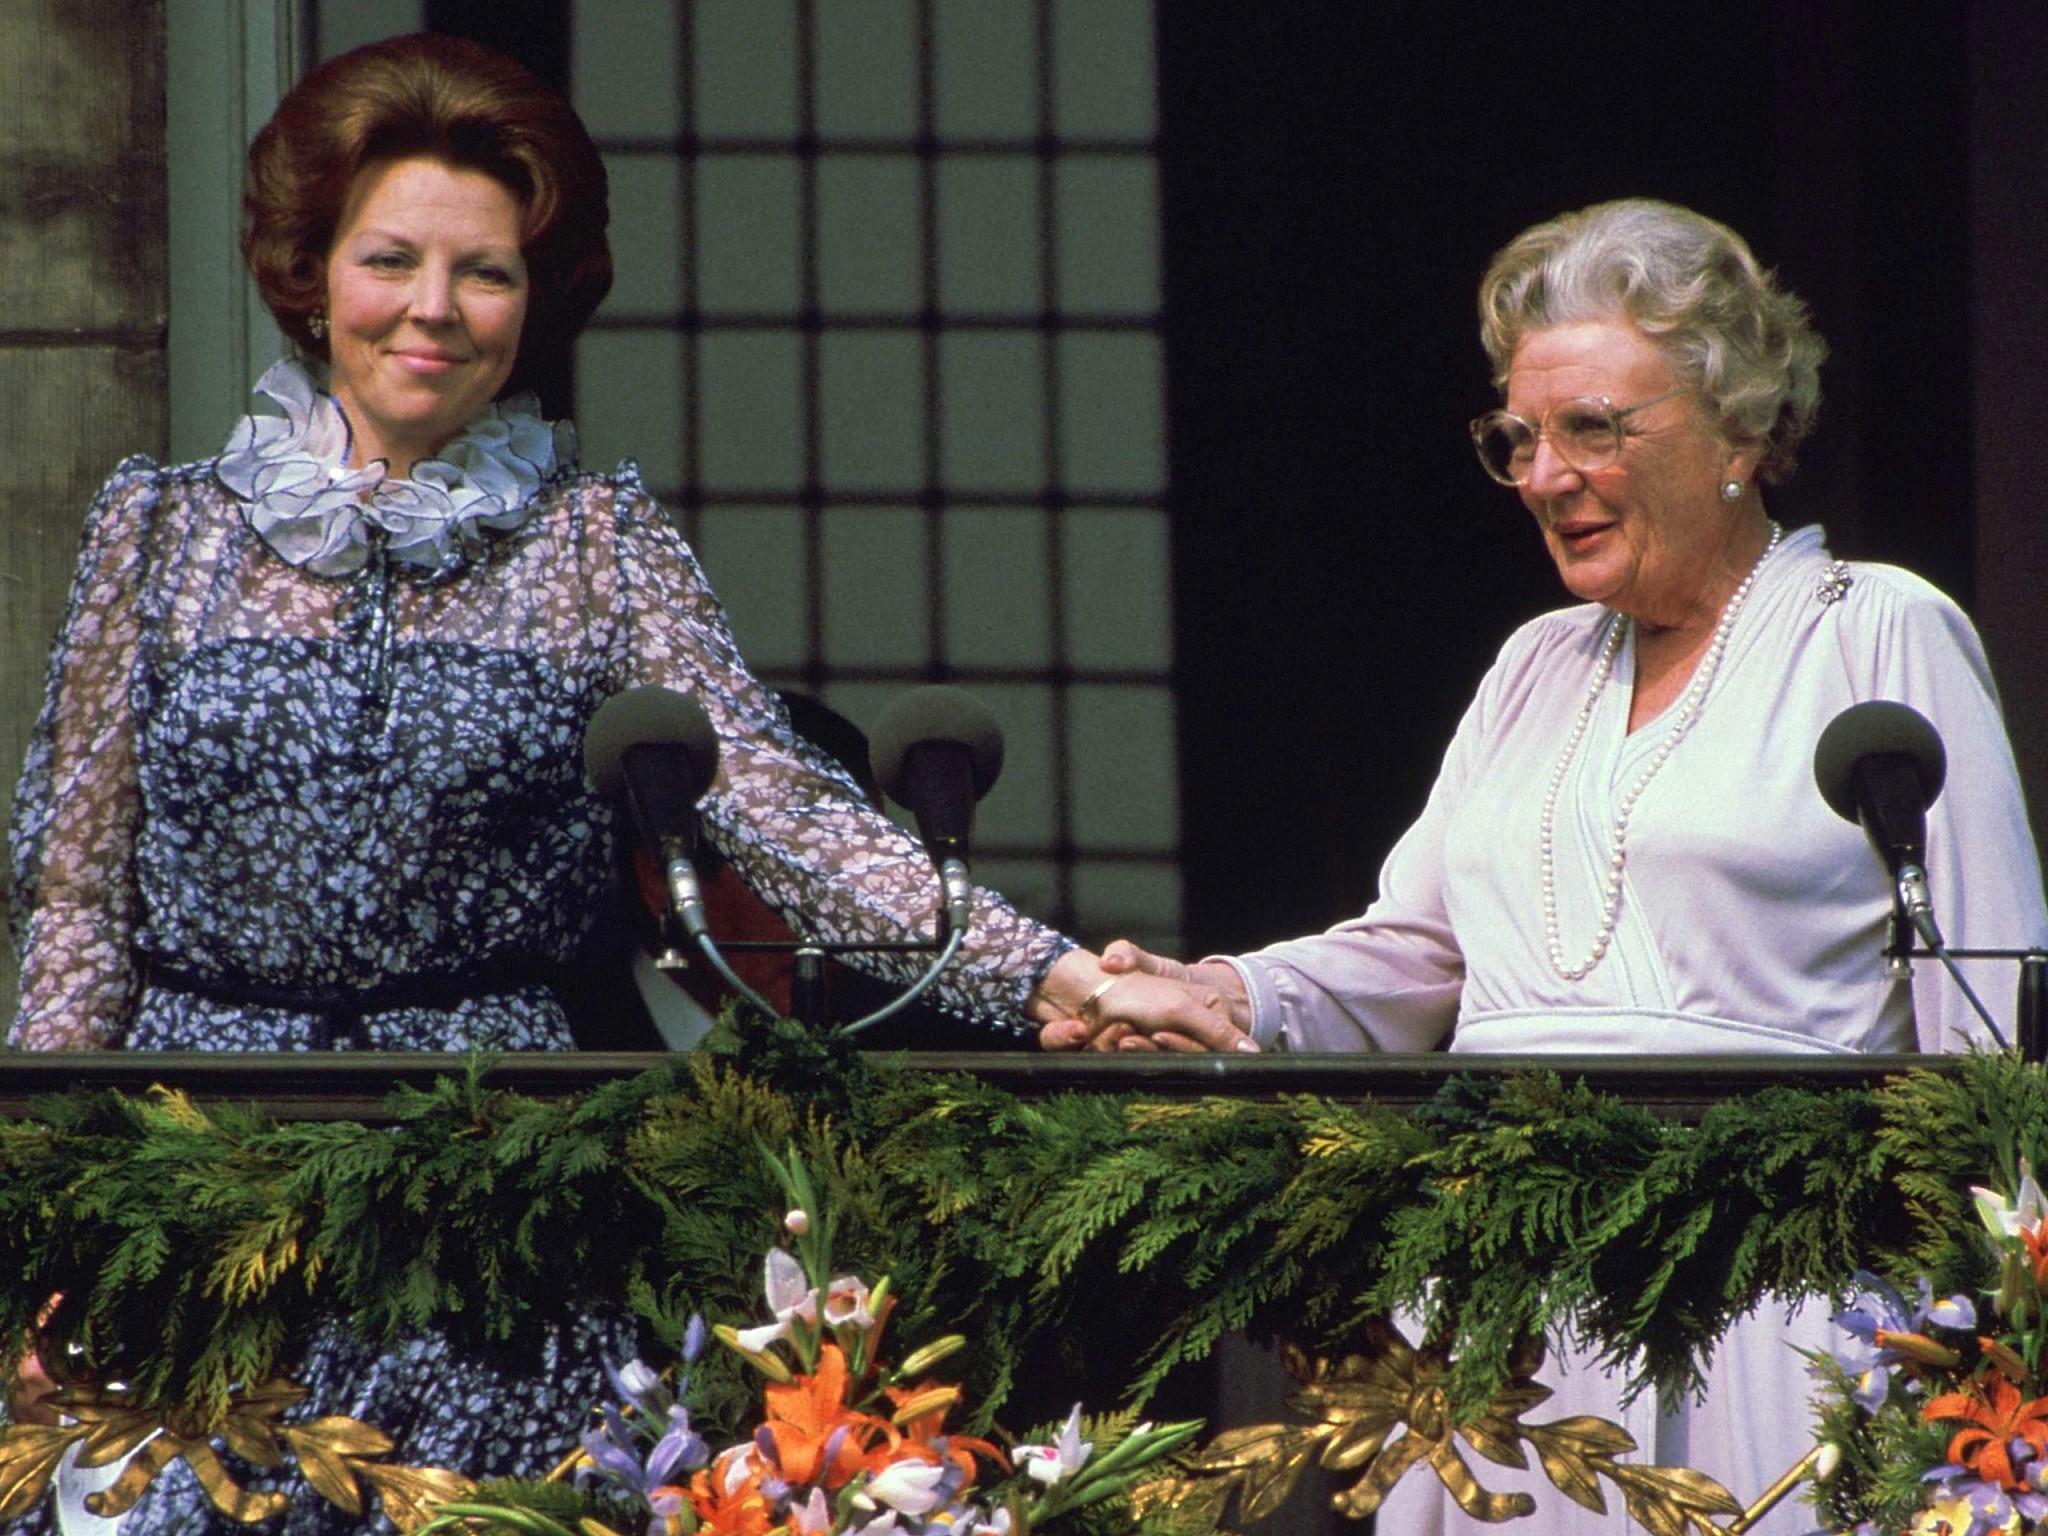 Das sollten Sie über die ehemalige Königin Beatrix wissen